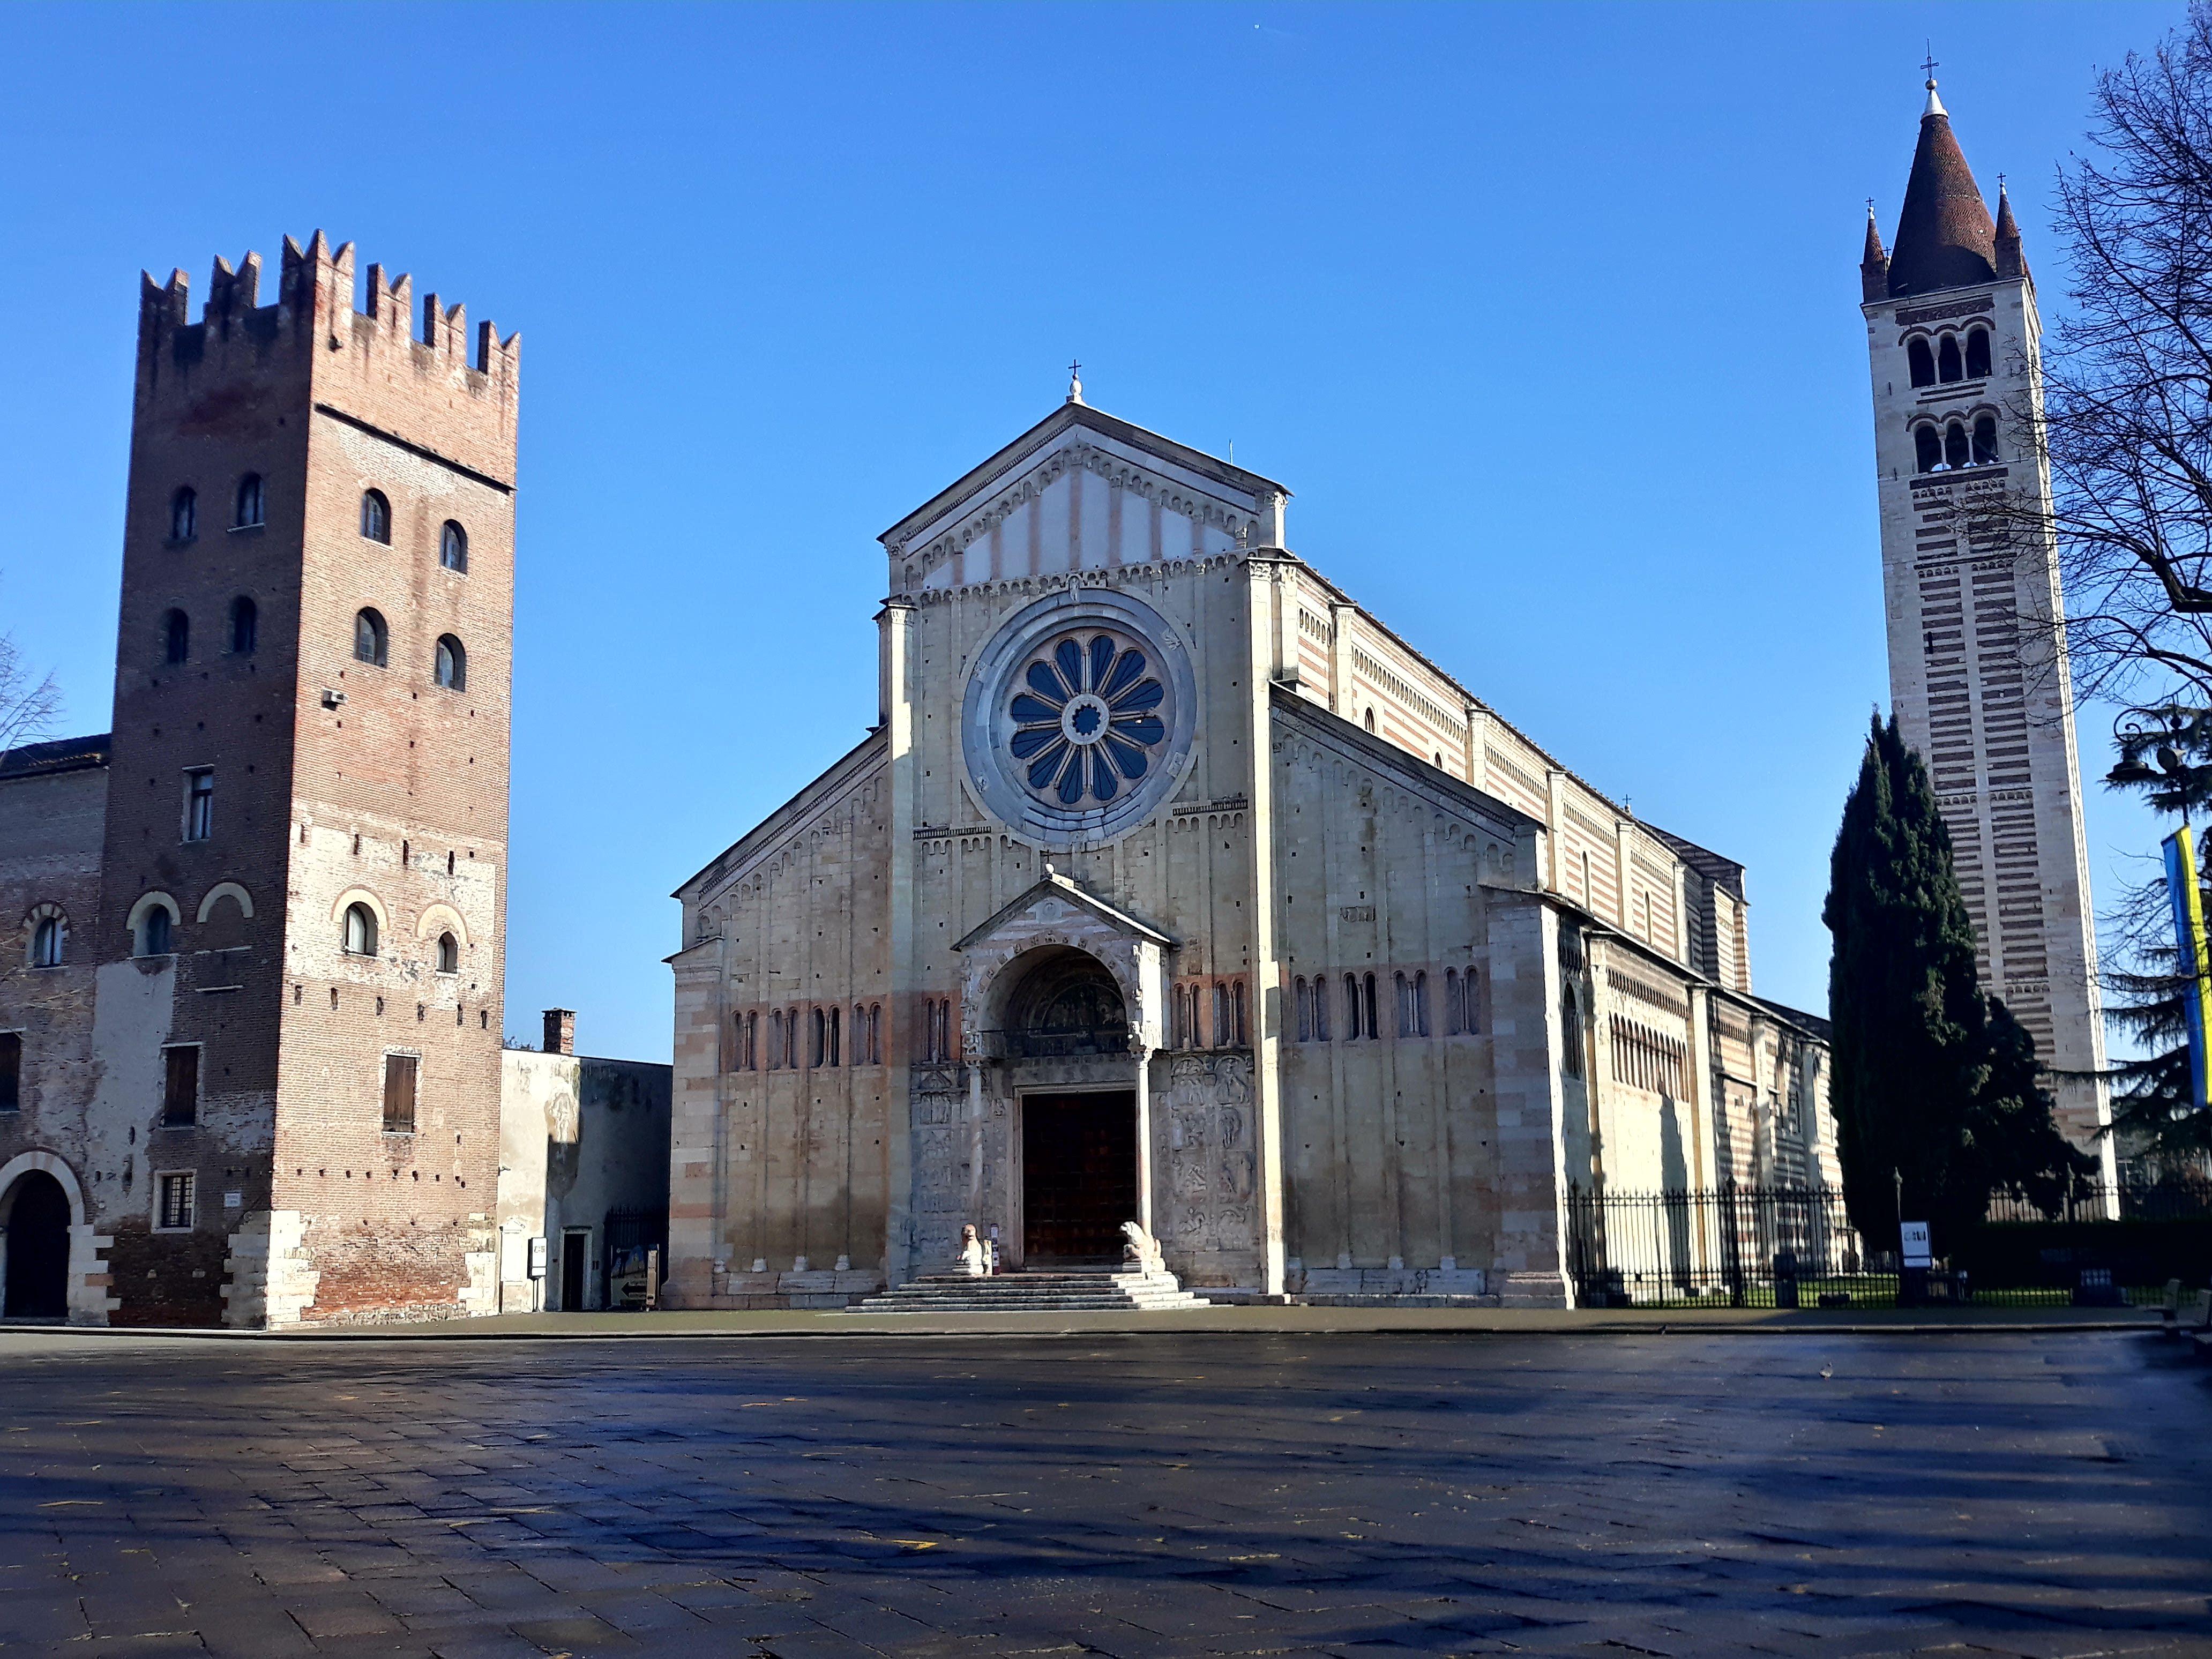 Basílica de San Zenón - Wikipedia, la enciclopedia libre